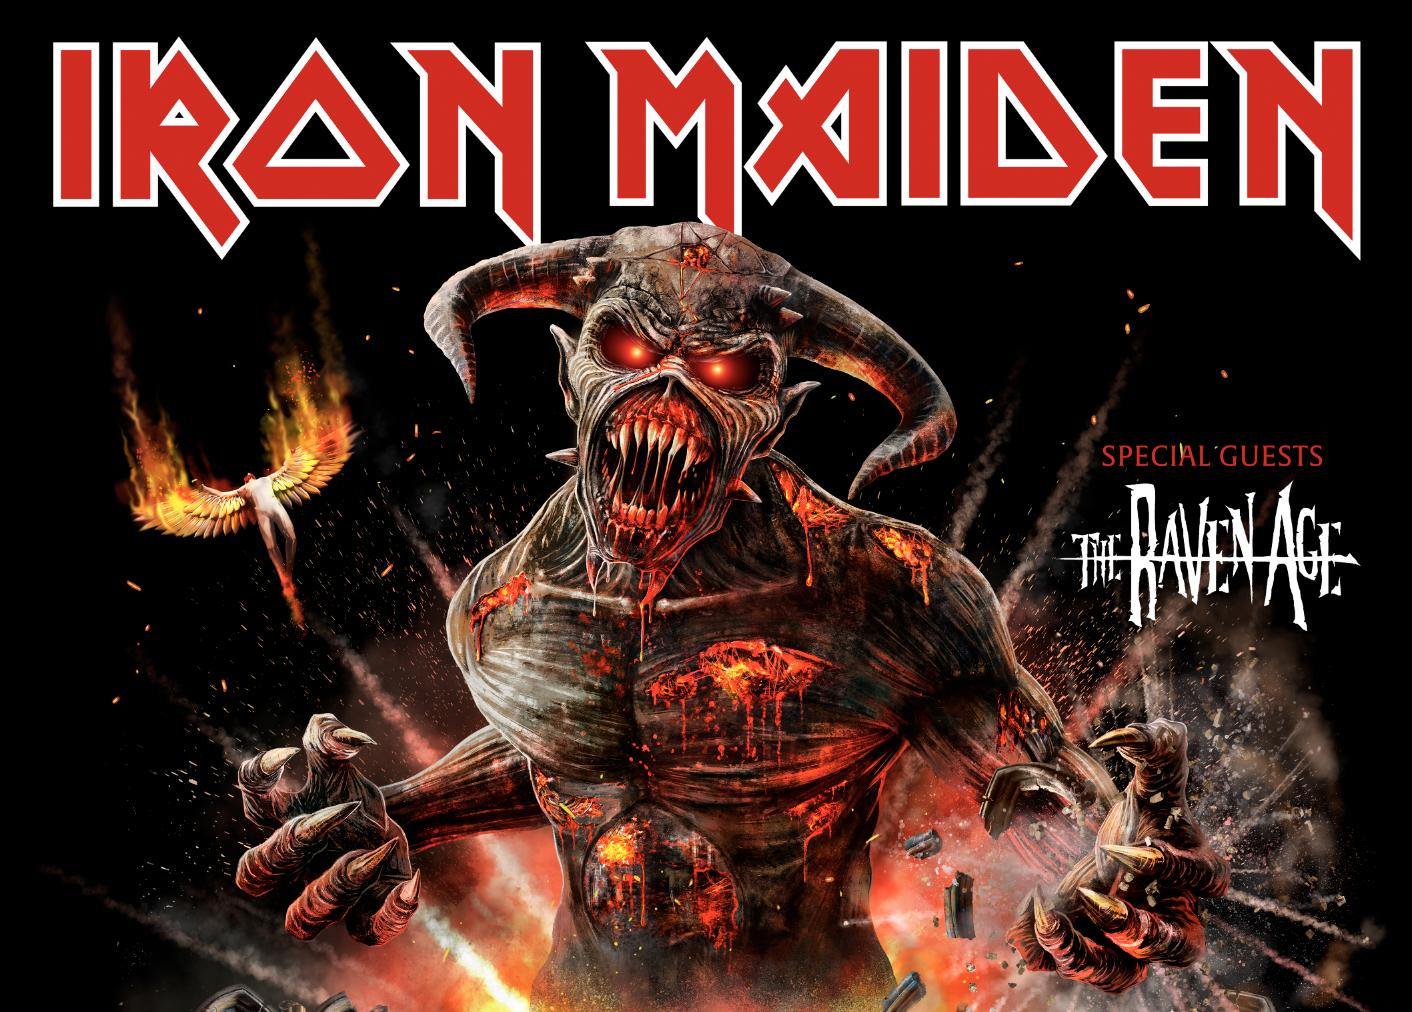 Iron Maiden en Chile: Precios y coordenadas para su regreso a Chile